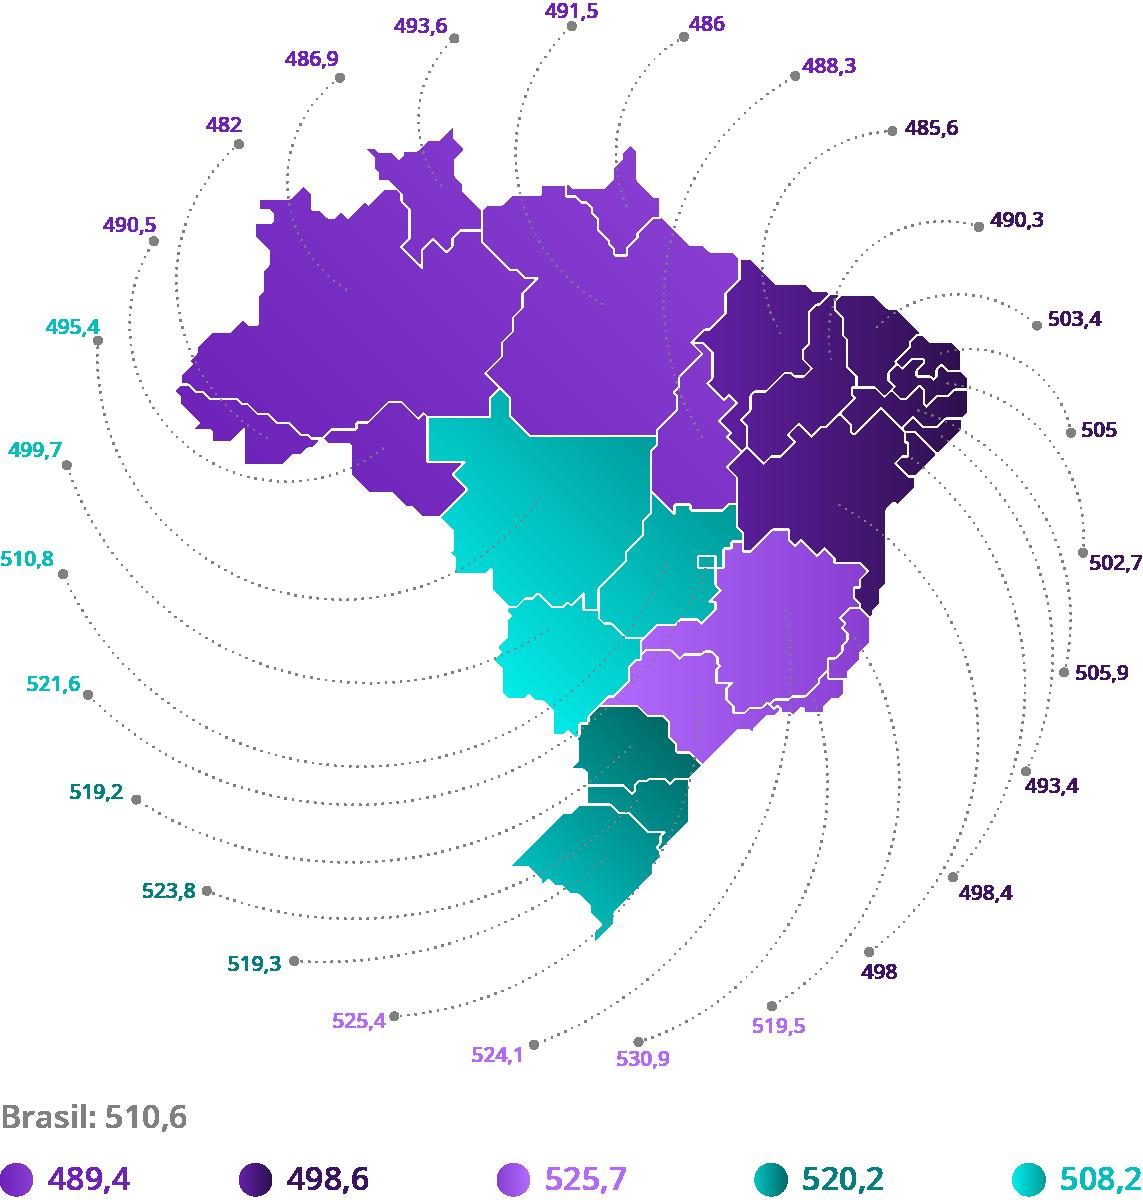 Fonte: INEP, 2017. (*) Média simples das quatro provas objetivas e da redação. Elaboração: Ex Ante Consultoria Econômica.